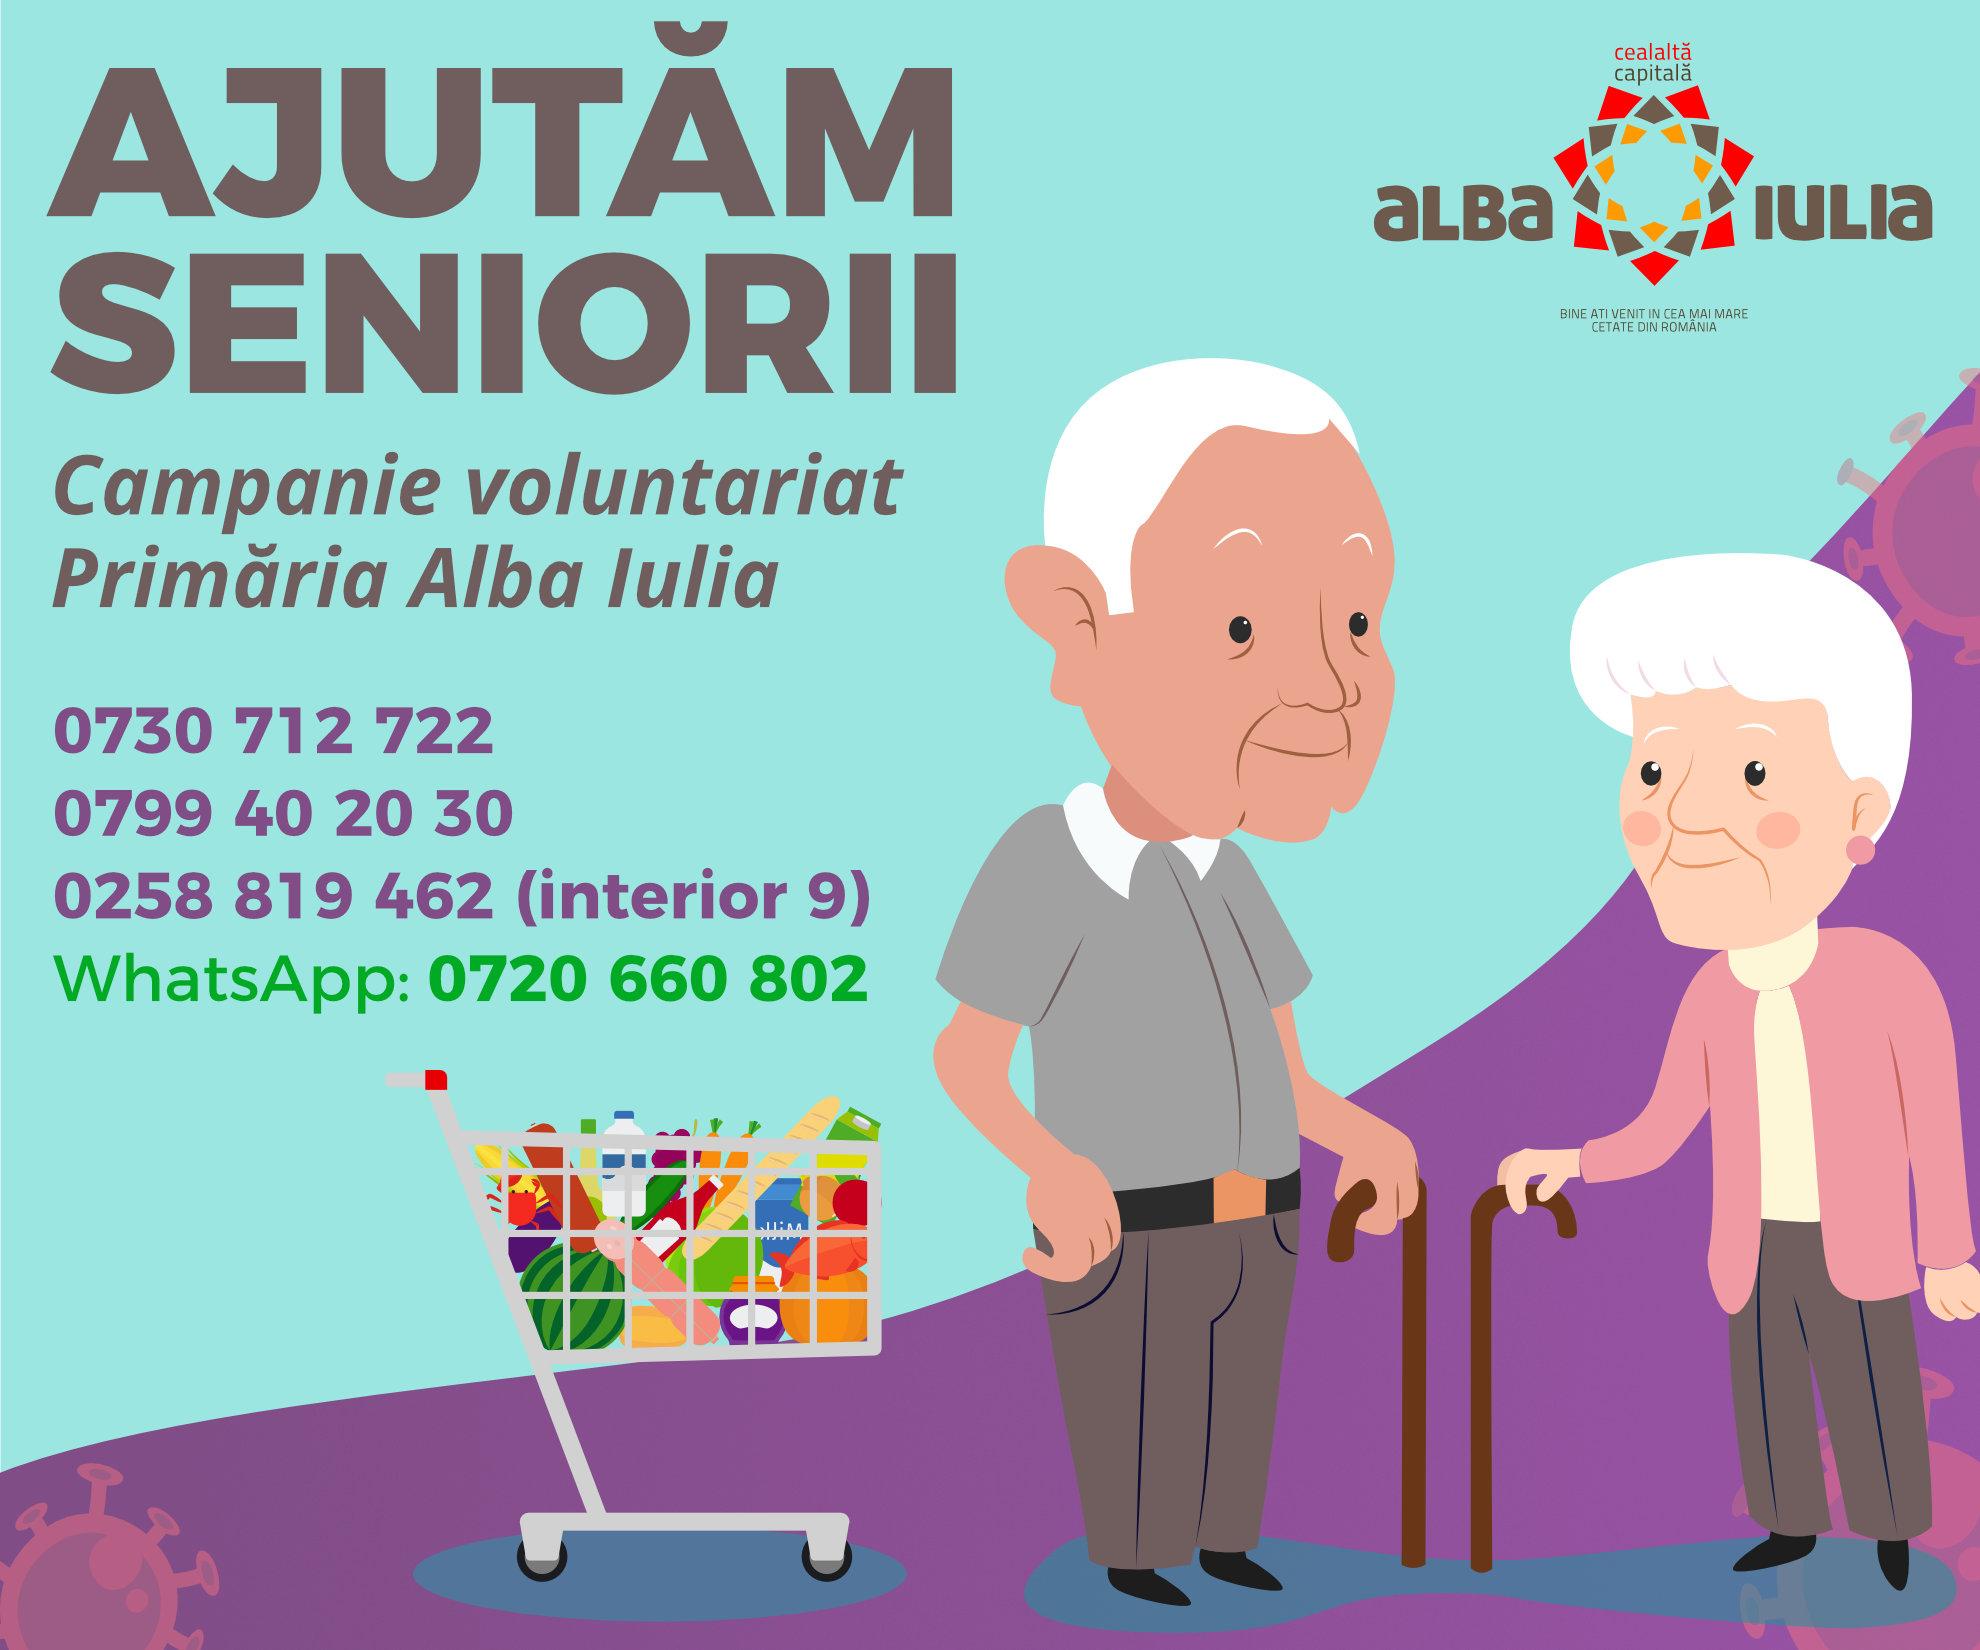 banner-ajutam-seniorii-voluntariat-page